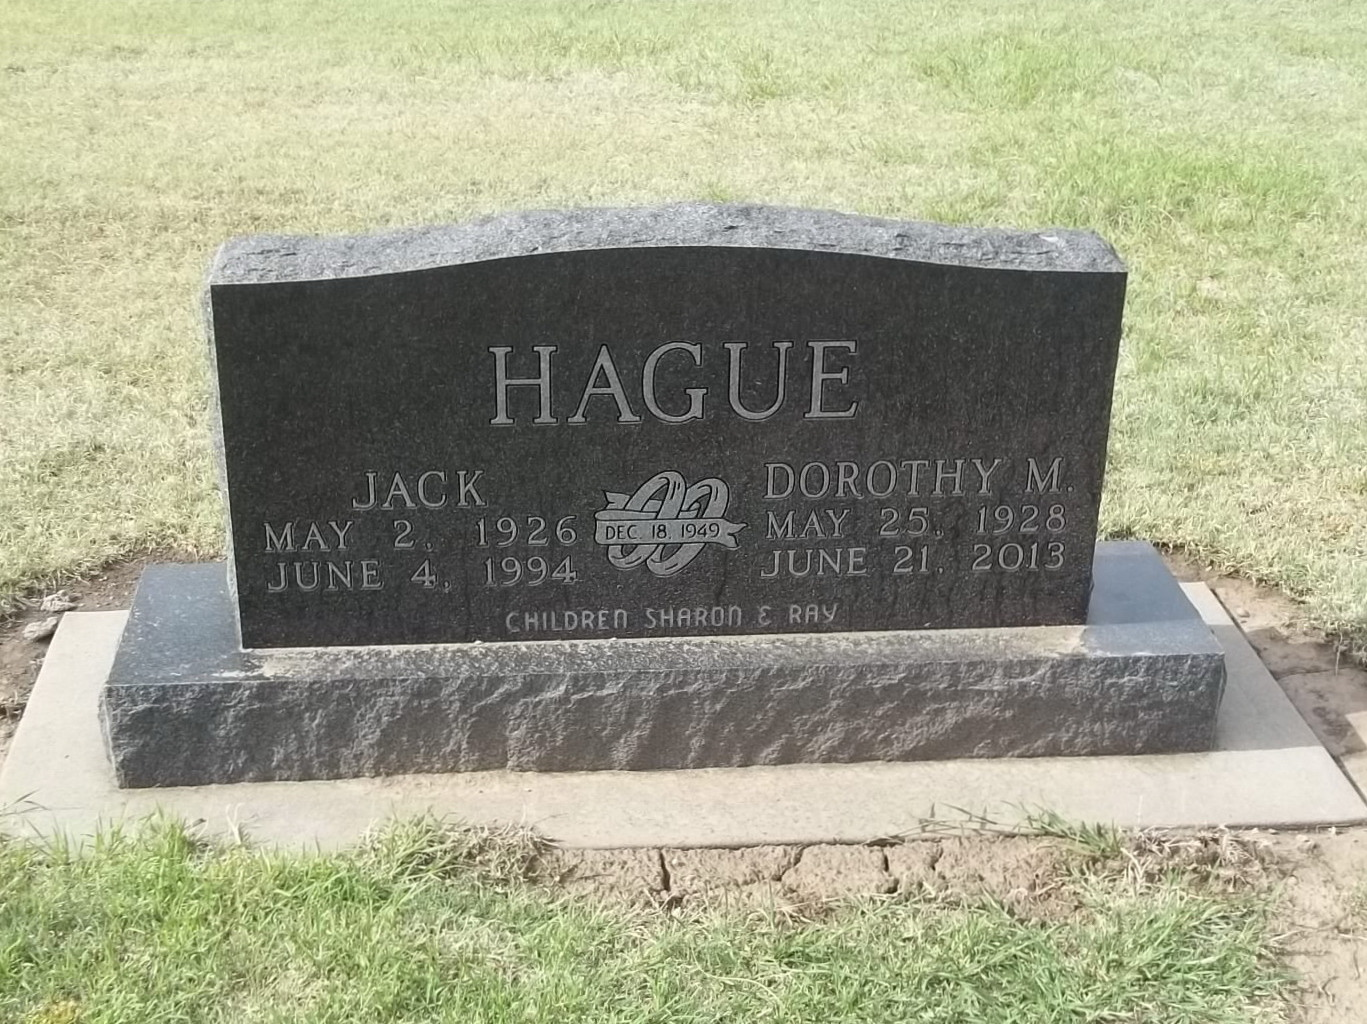 Jack Hague